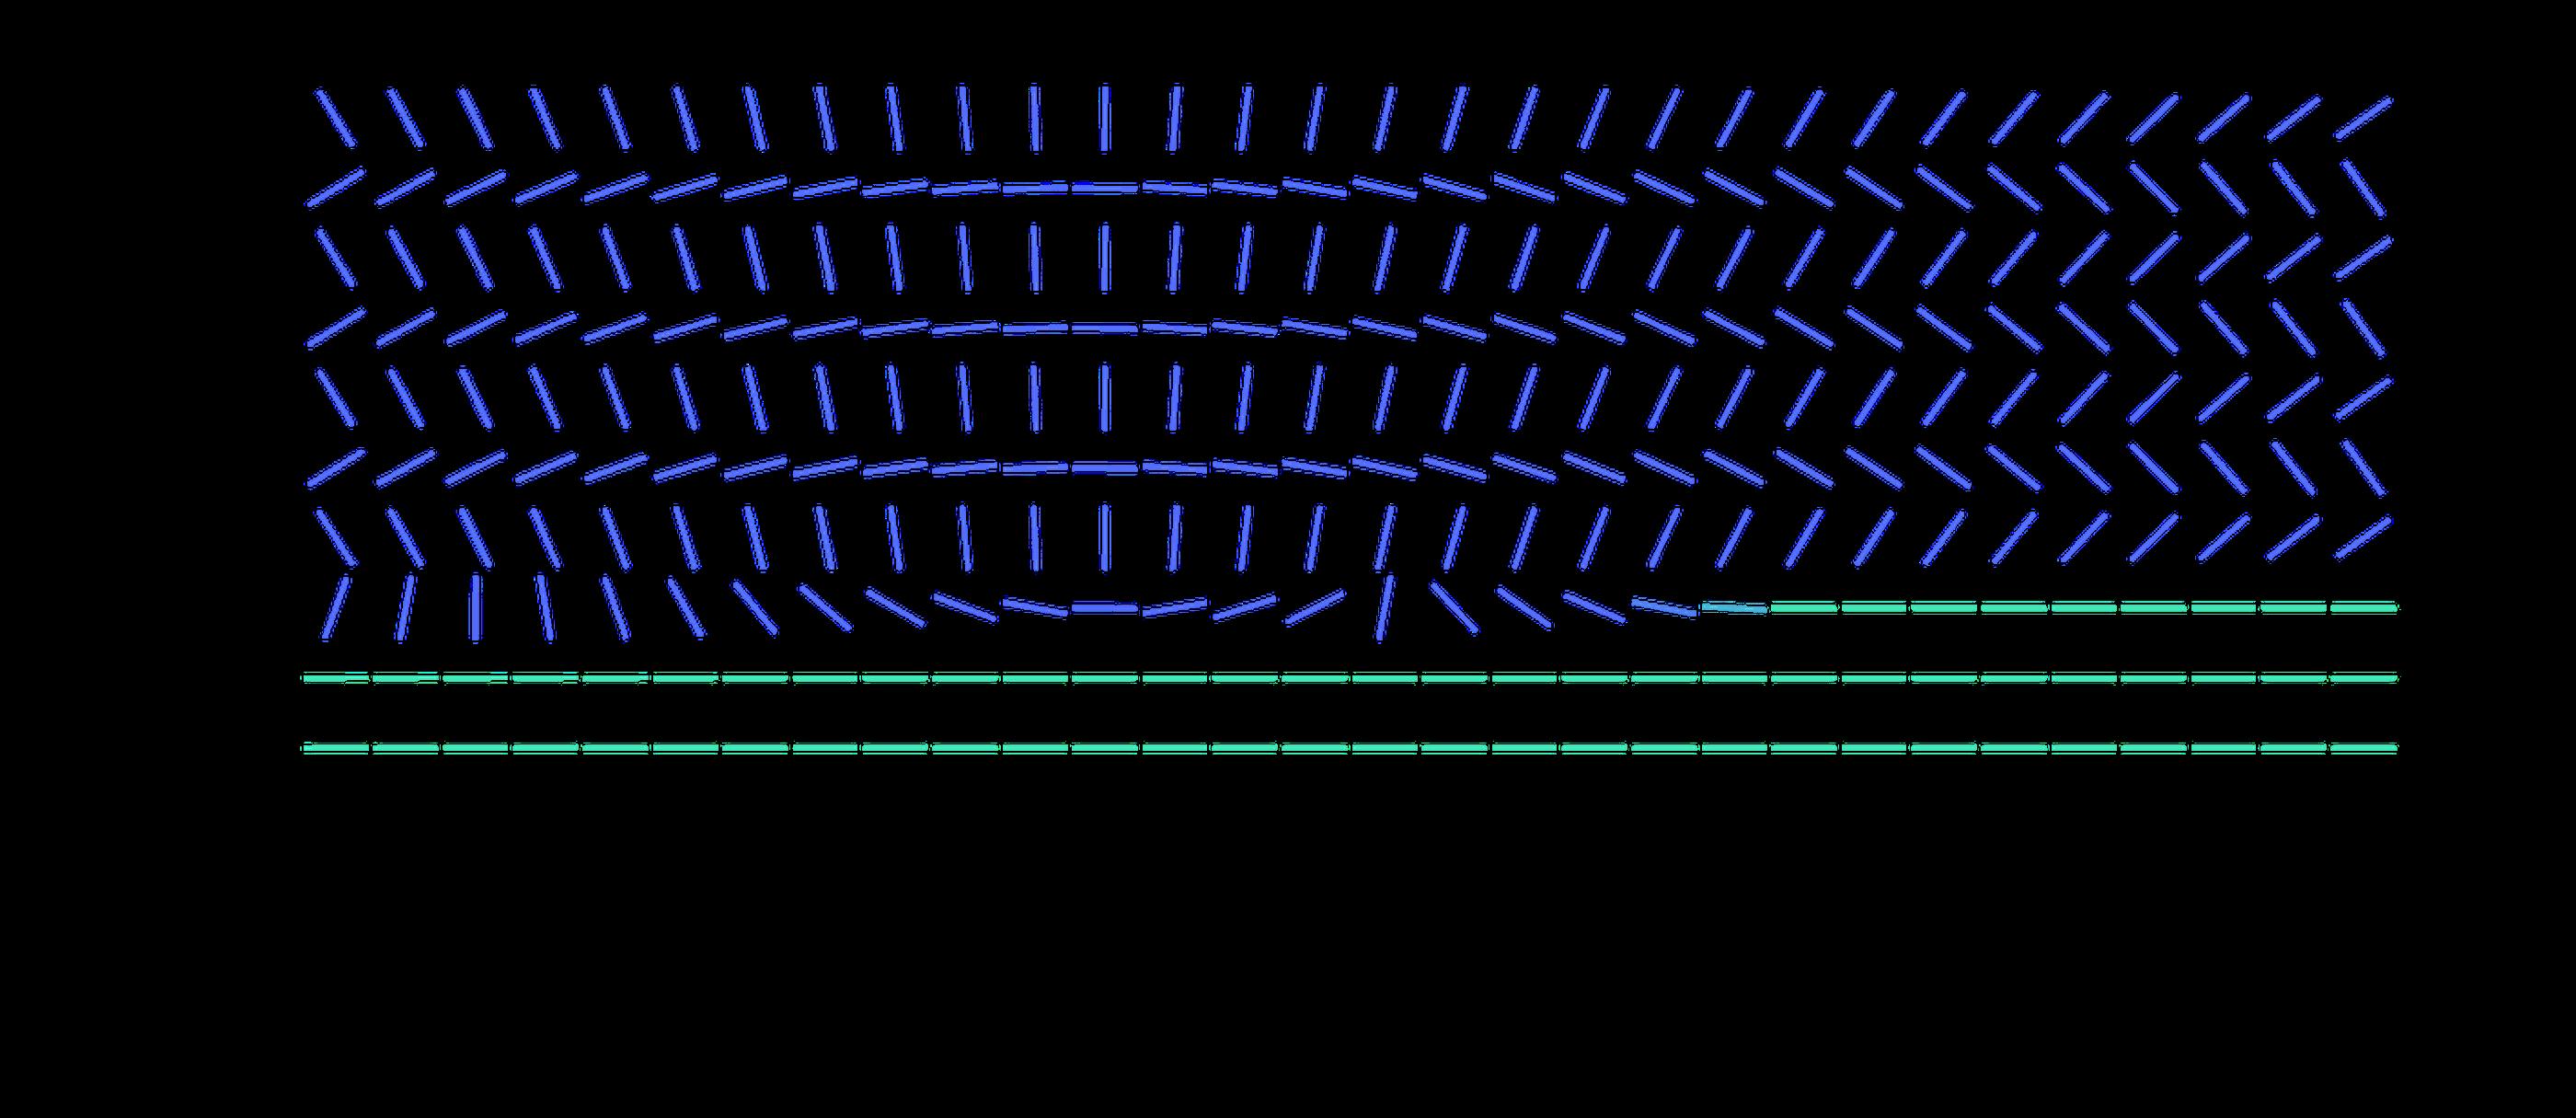 I/O Header - G Suite